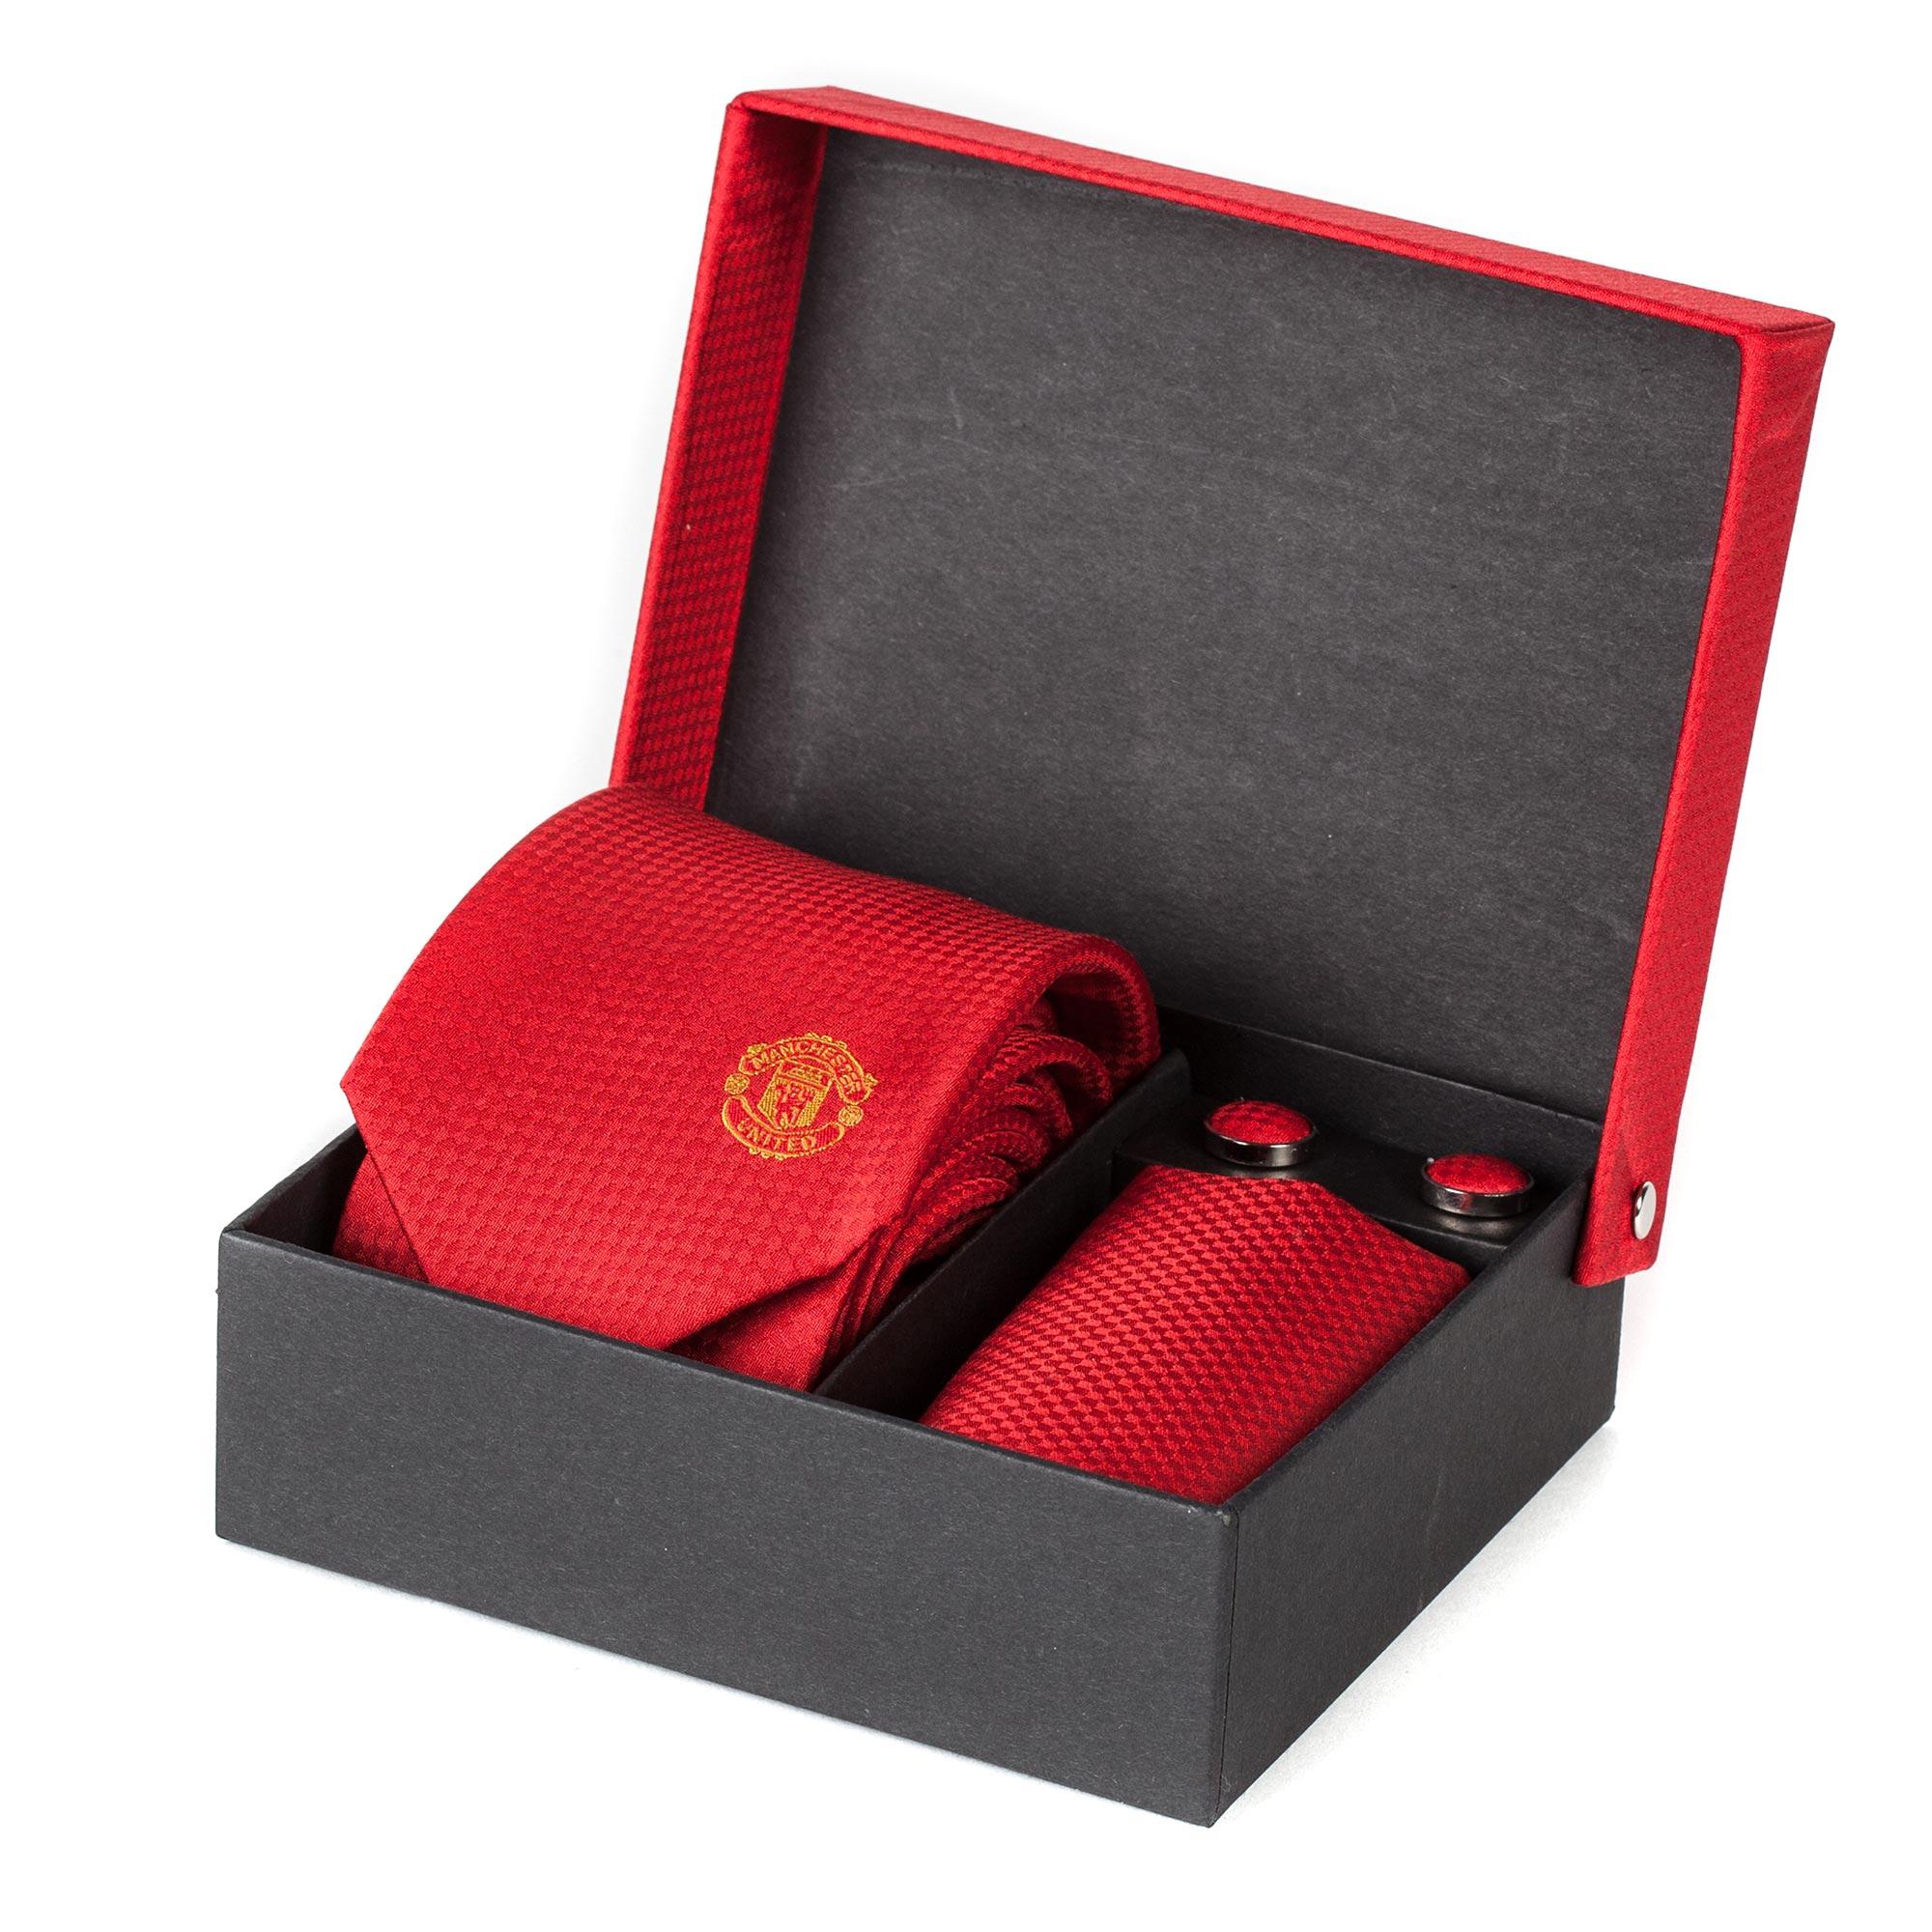 Manchester United Crest Tie-Cufflink-Handkerchief Set - Silk